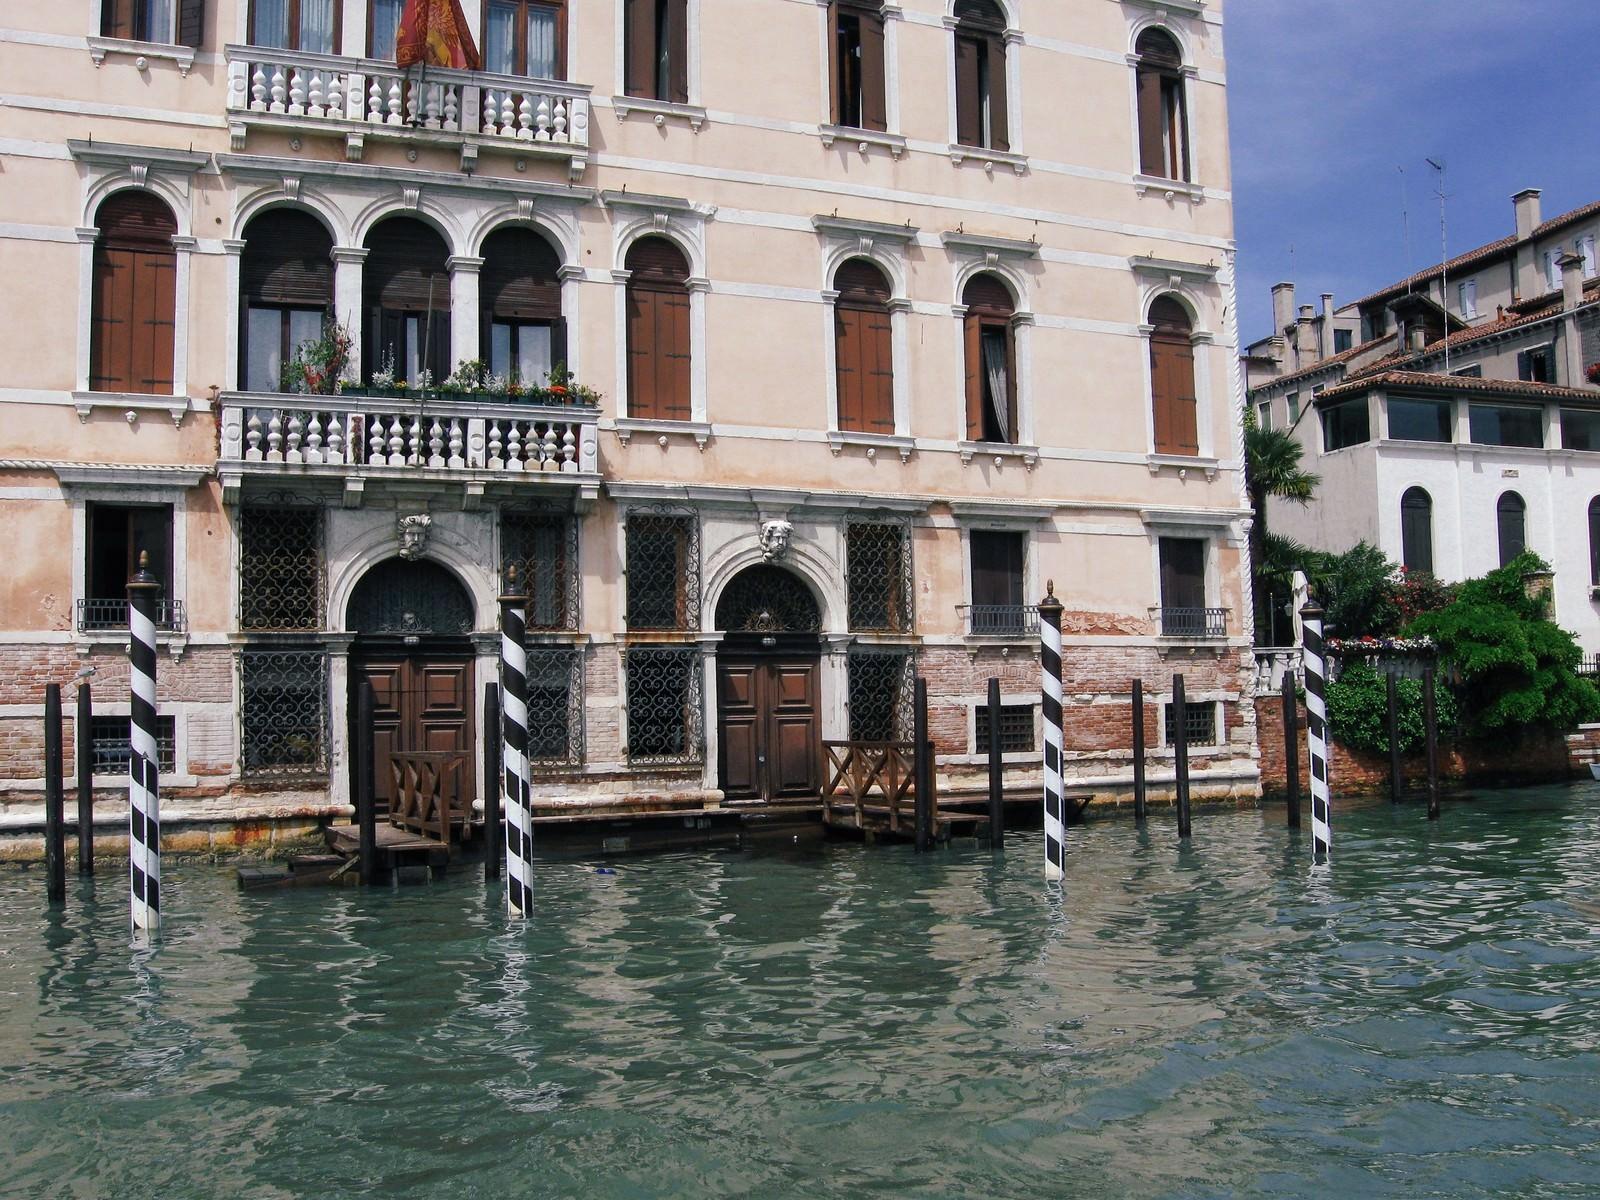 「ヴェネツィアを流れる川沿いにある建物の扉と窓(イタリア) | 写真の無料素材・フリー素材 - ぱくたそ」の写真